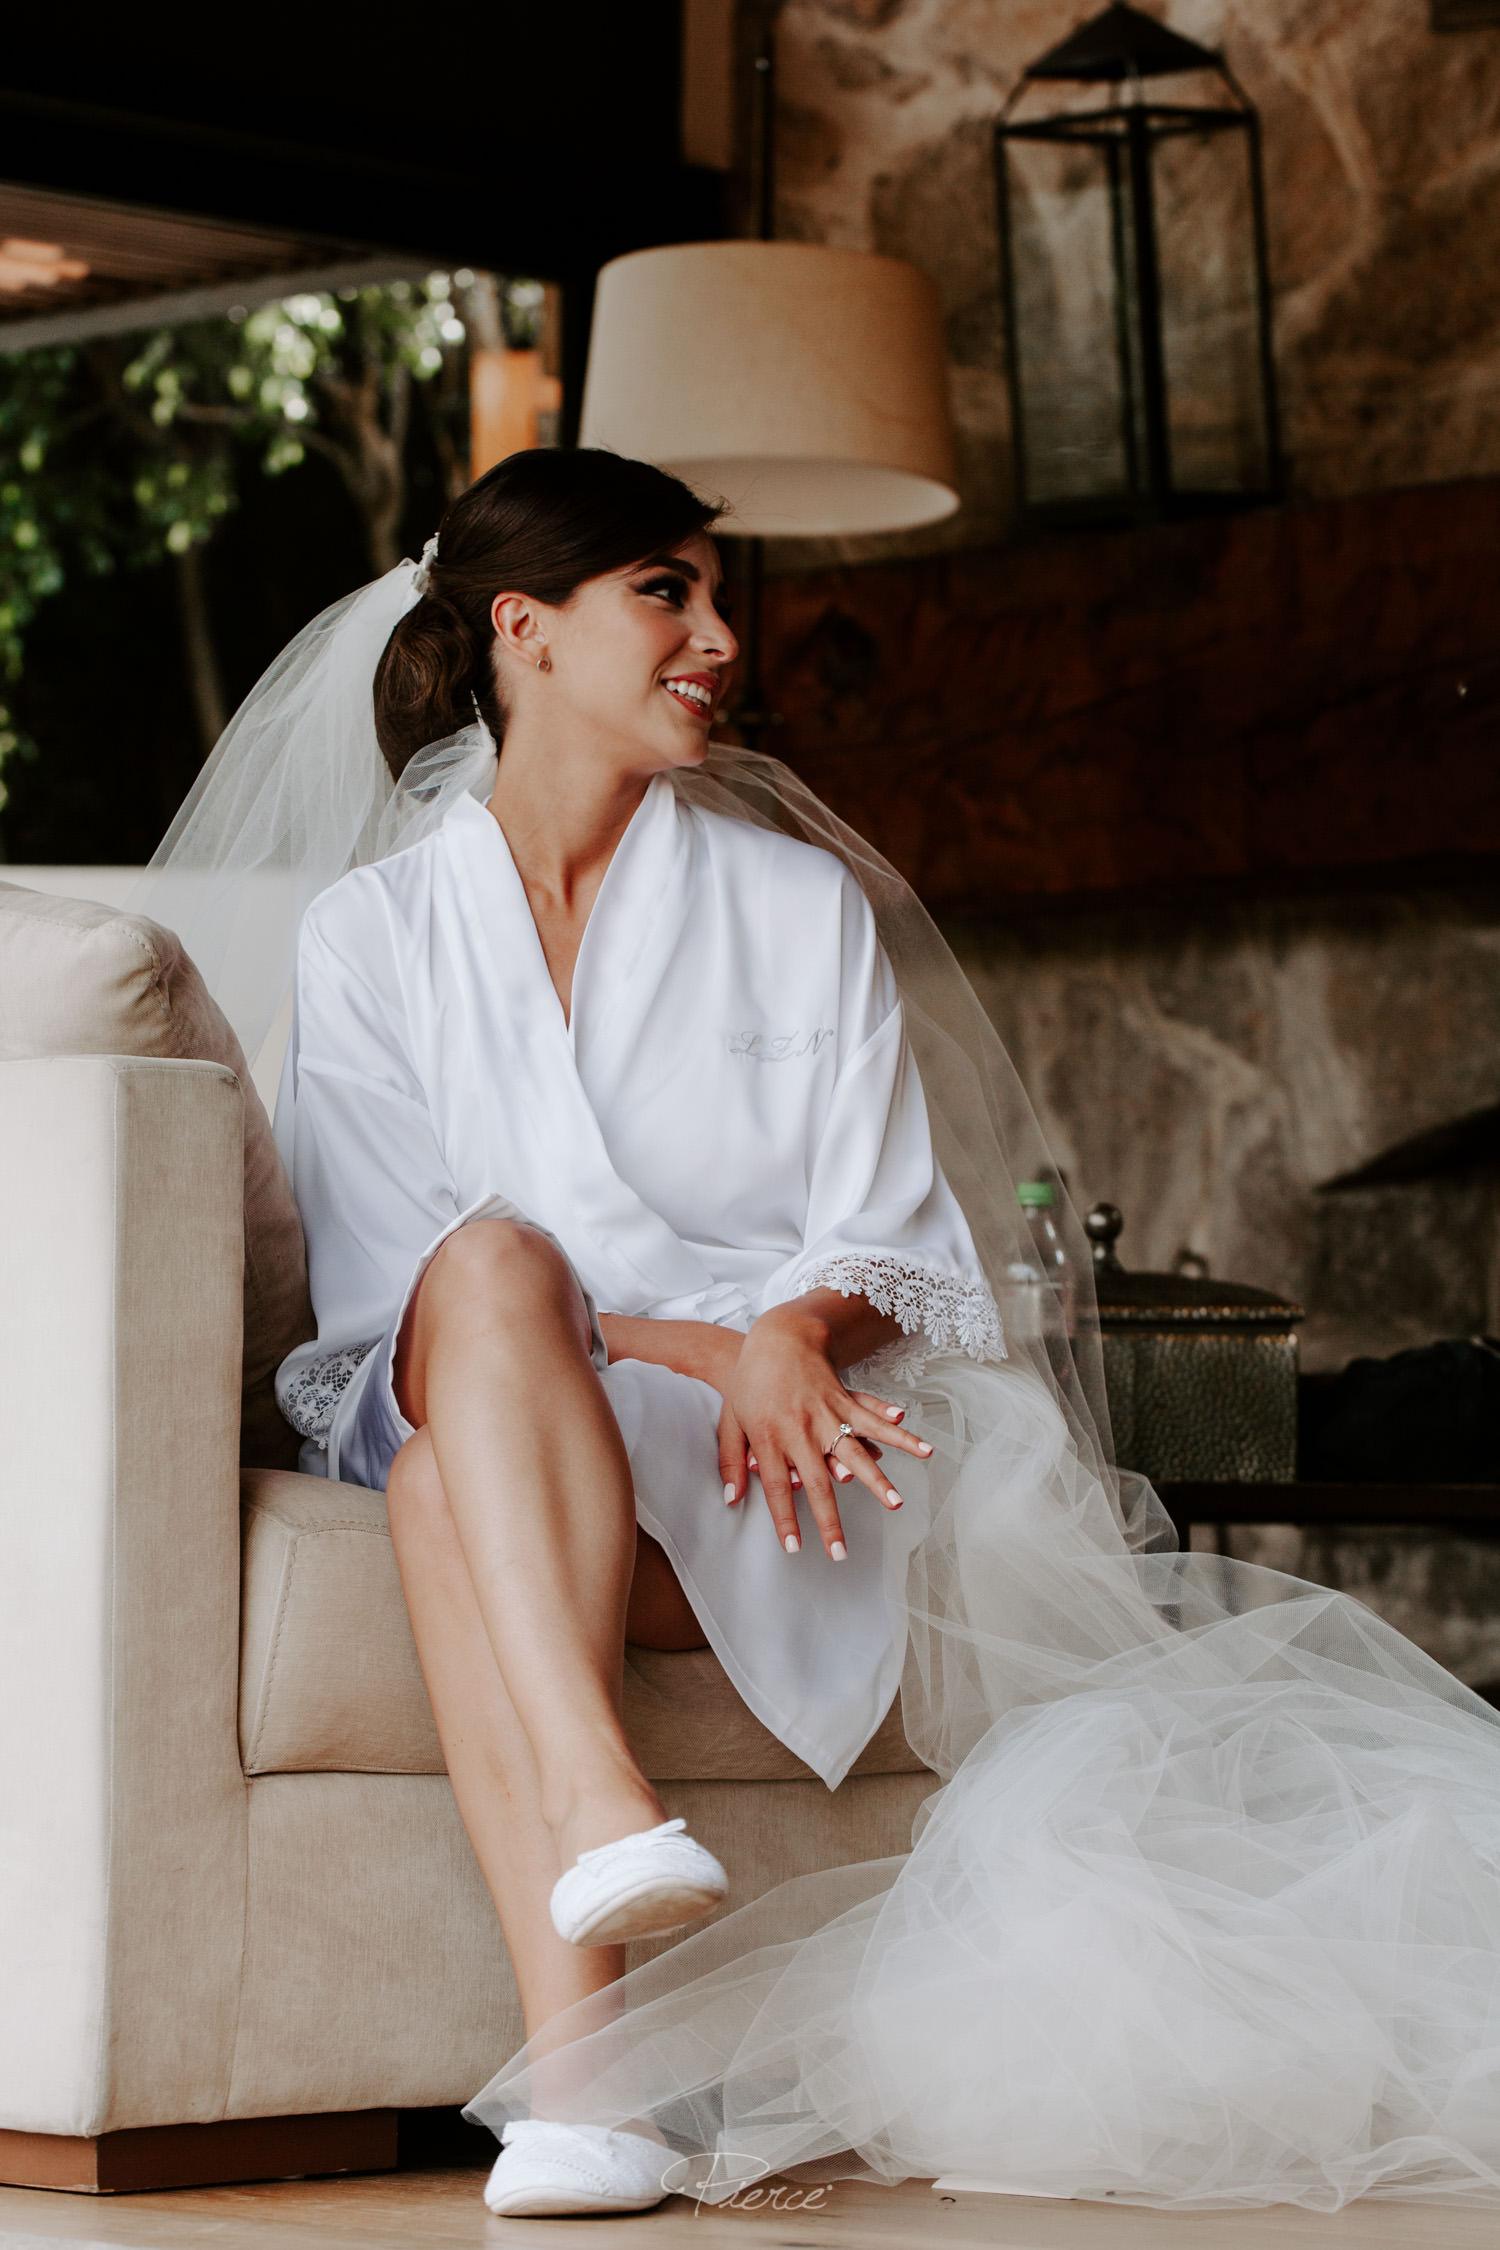 fotografia-de-boda-valle-de-bravo-mexico-rosmarino-pierce-weddings-0230.JPG